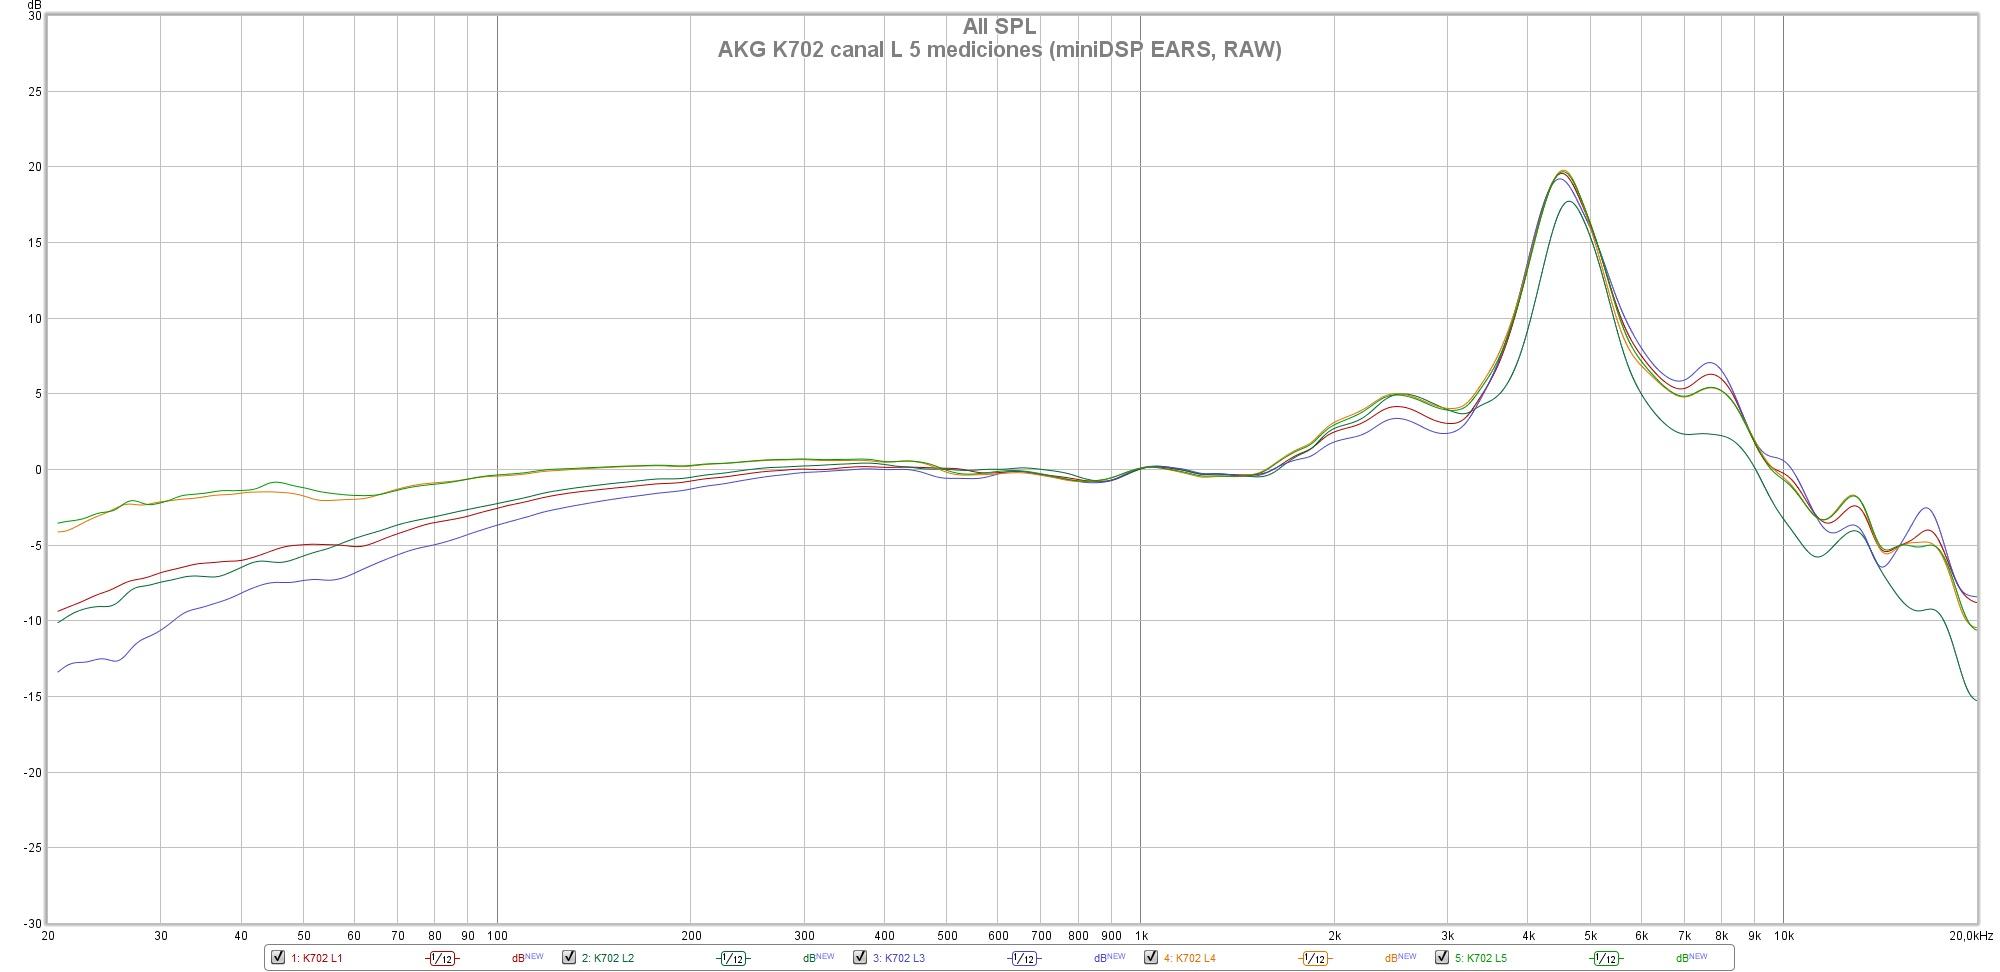 AKG K702 canal L 5 mediciones (miniDSP EARS, RAW)